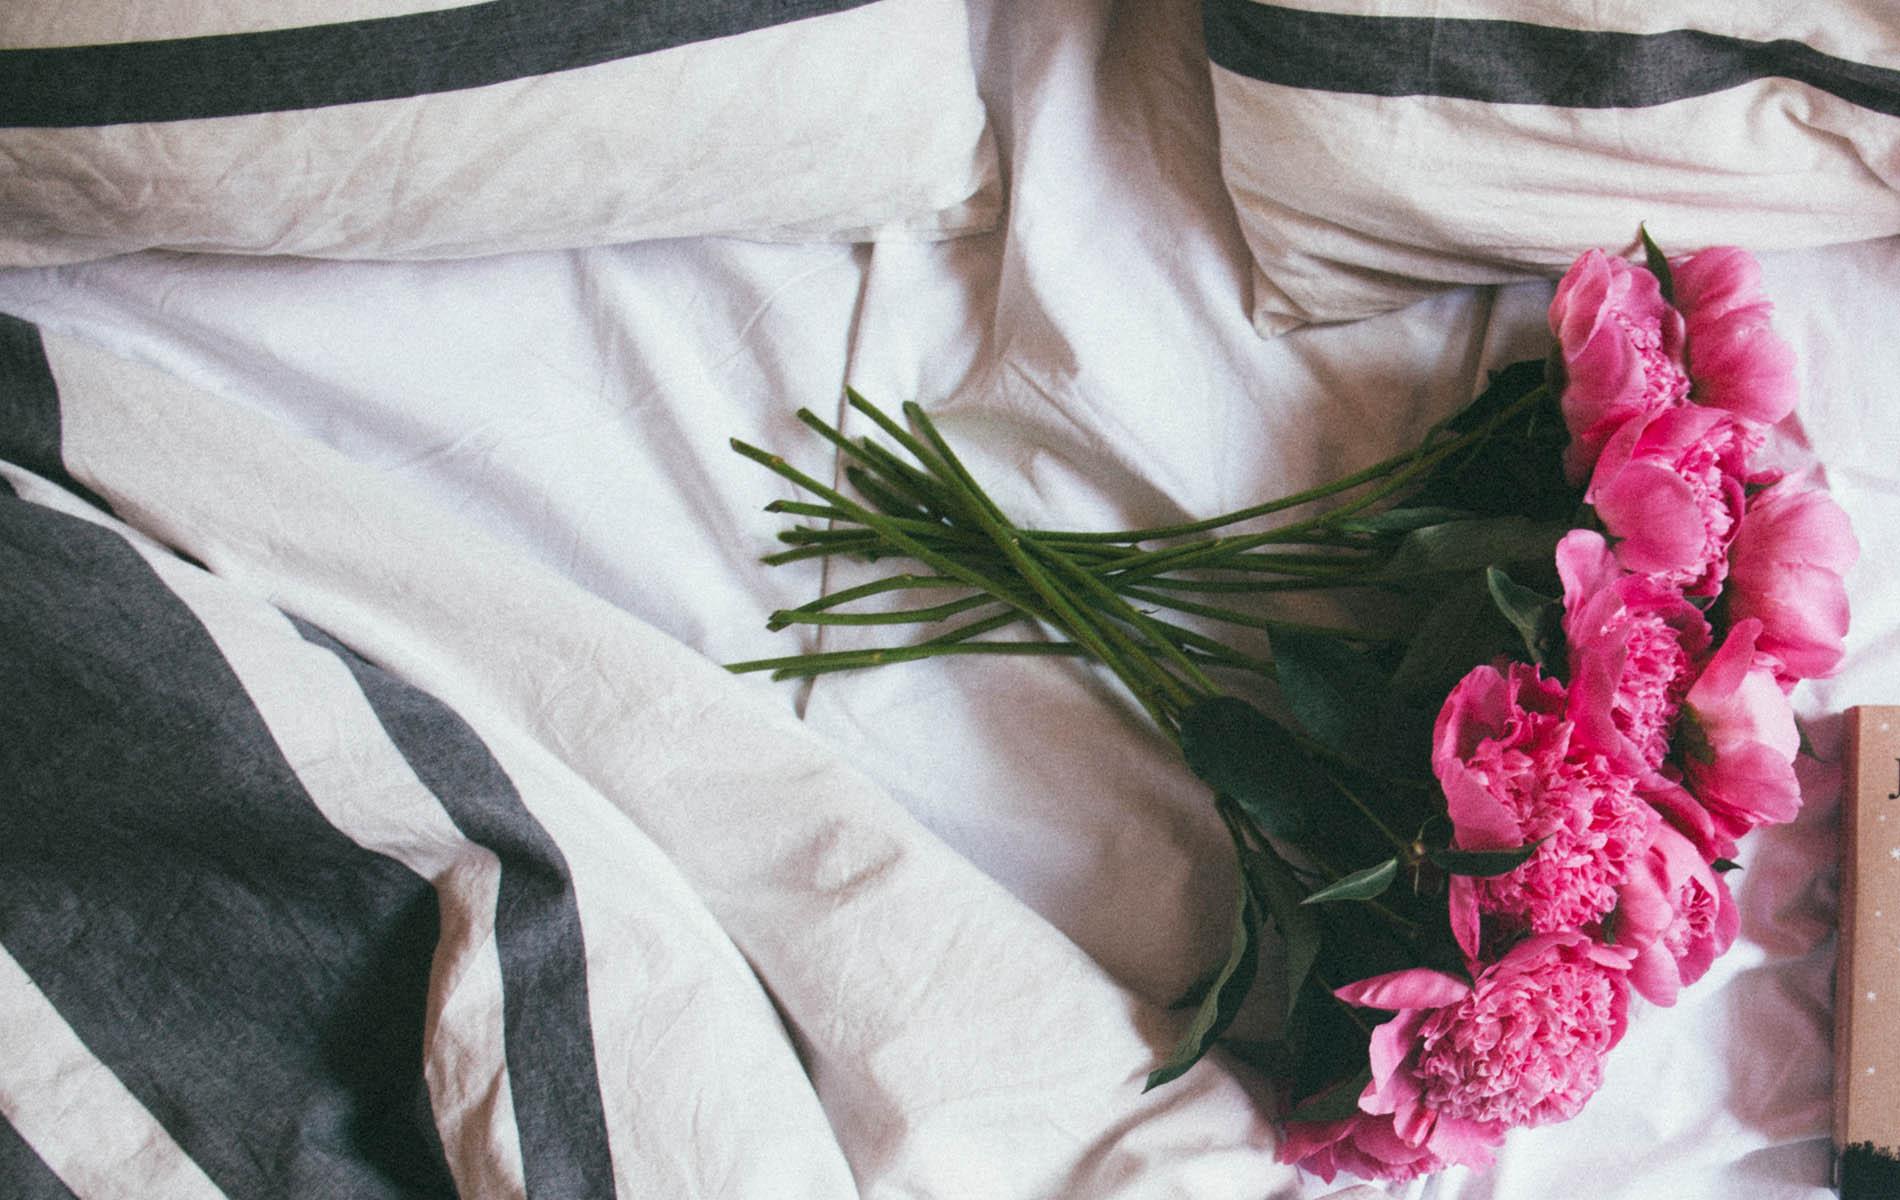 Gesunder Schlaf, Schlafen, Schlafzimmer, Schlaftypen, Schlafgewohnheiten, Schlaf-Facts, sponsored Post, Werbung, Dormando, Blog, Schlafen,